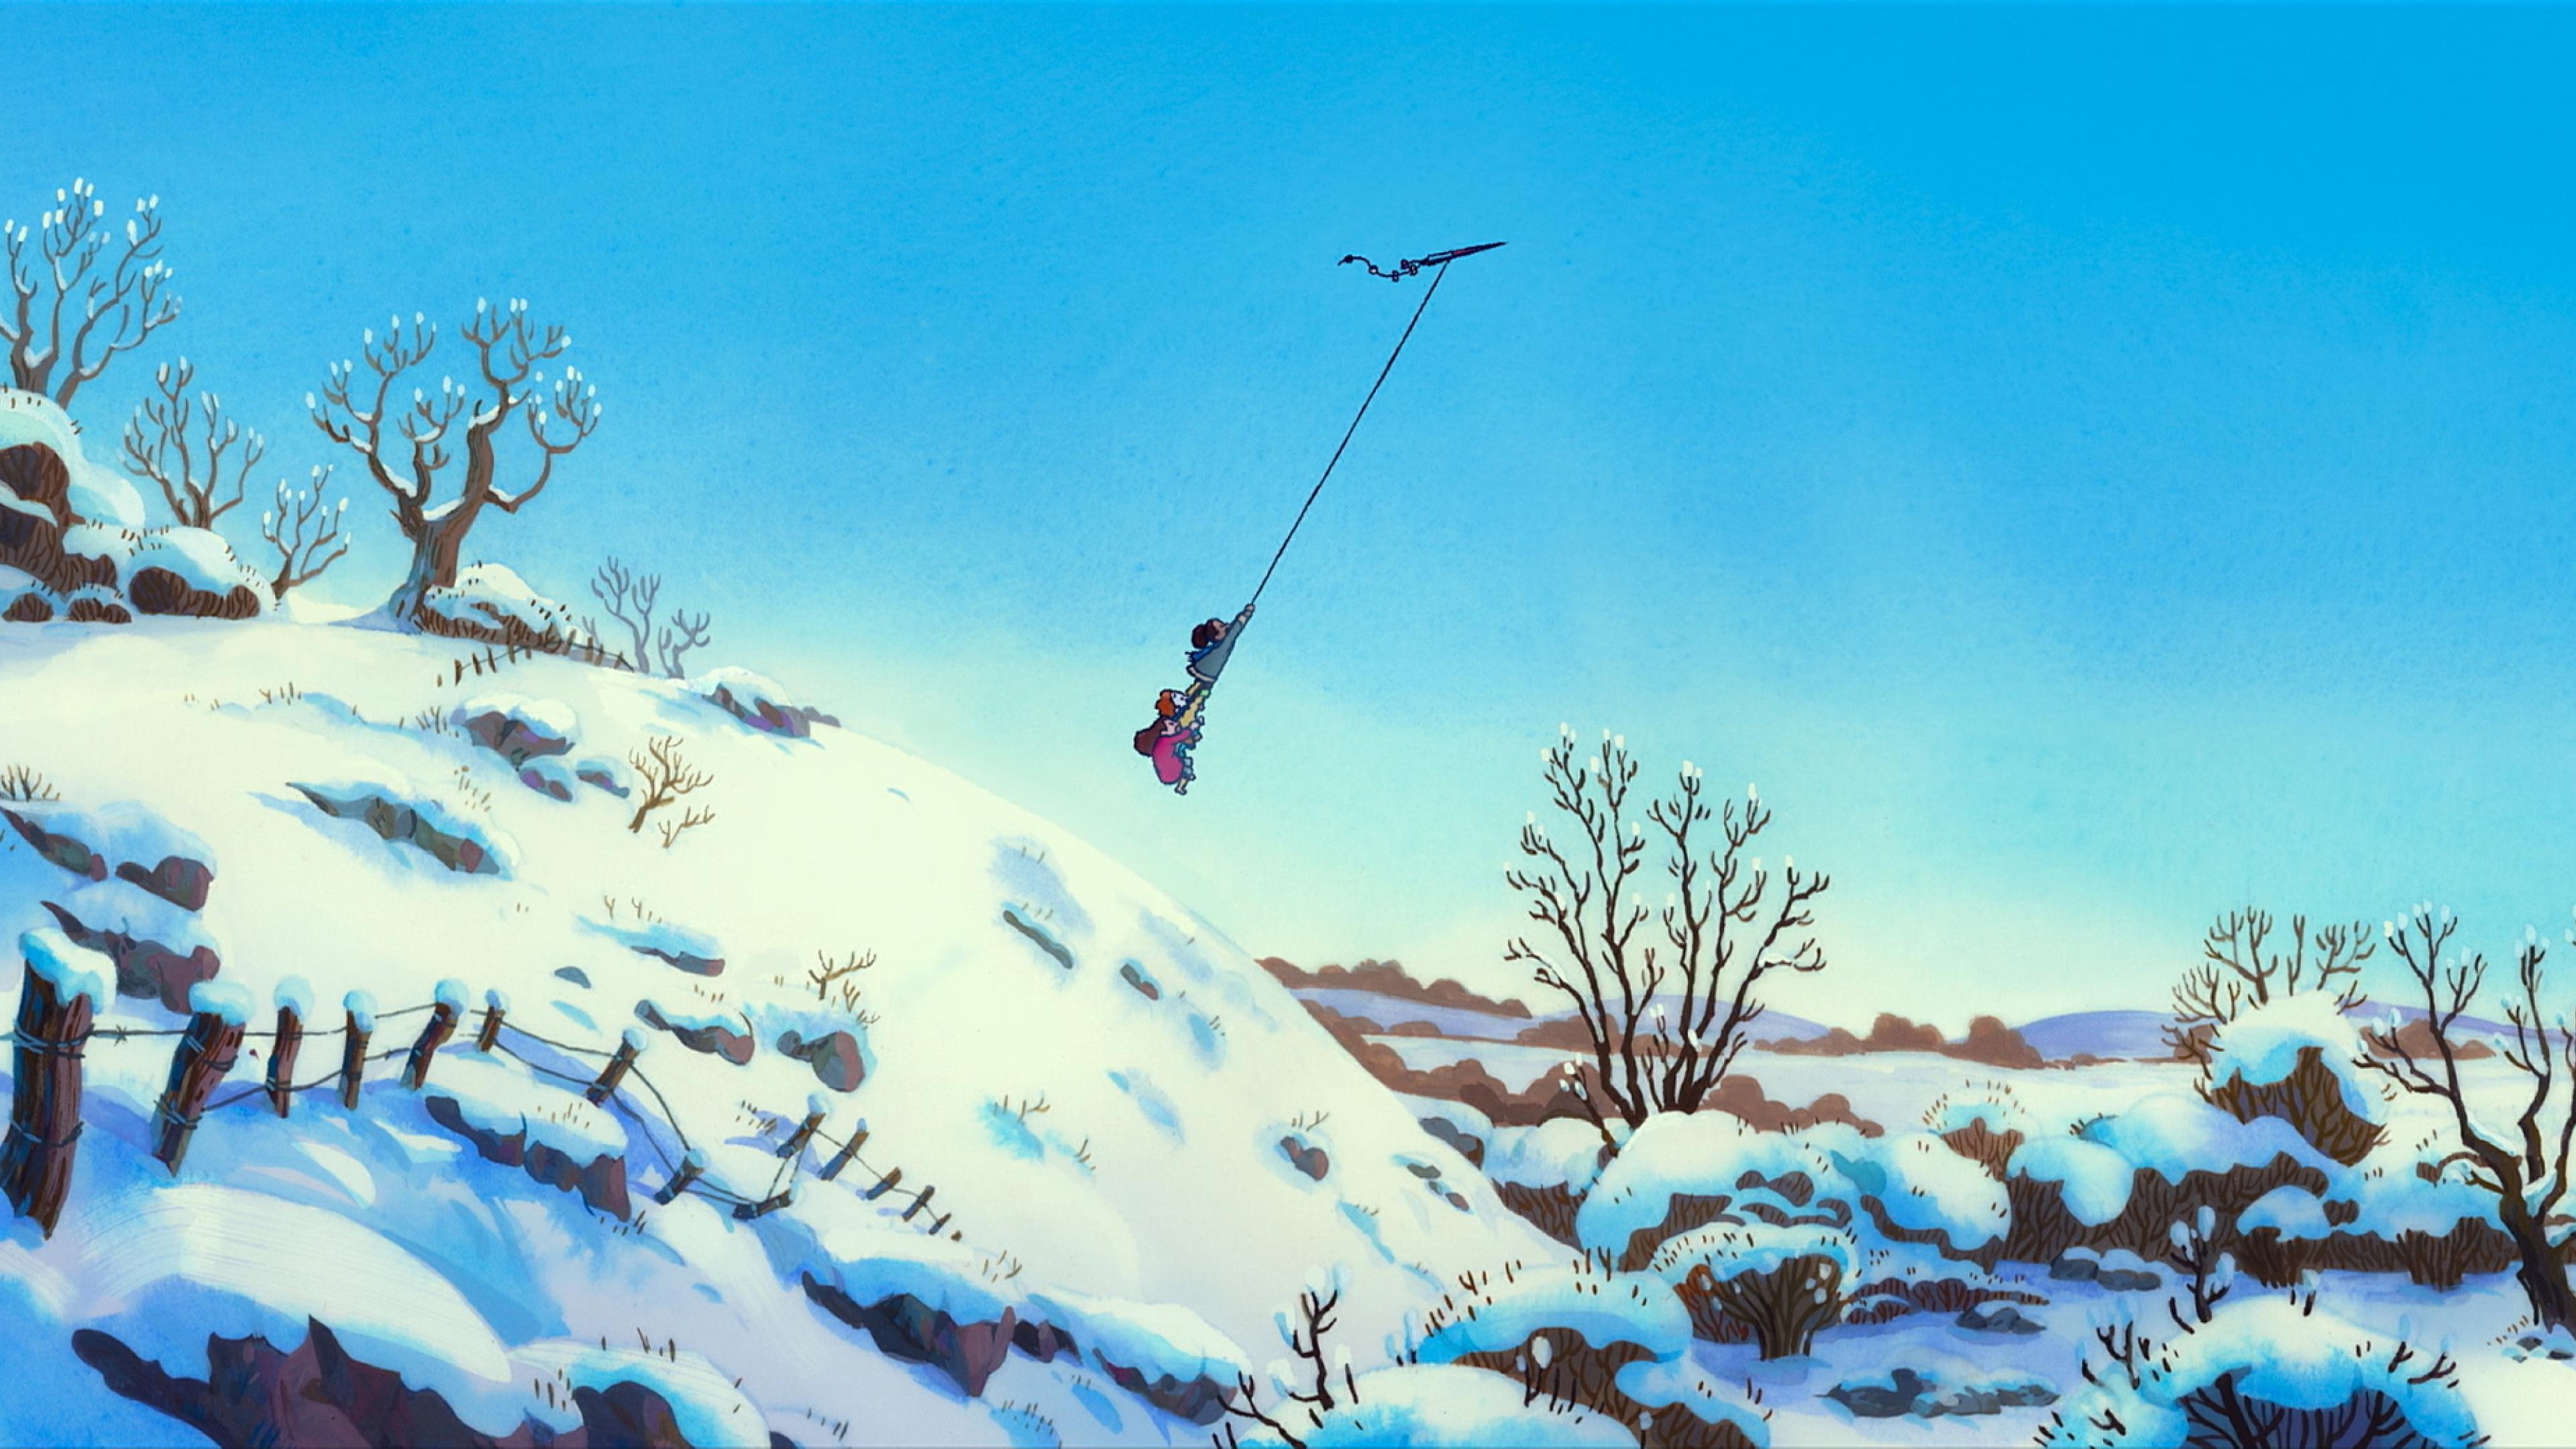 Über einer schneebedeckten Hügellandschaft fliegen drei dick angezogene Kinder, die sich an der Schnur eines Drachenflieger festhalten